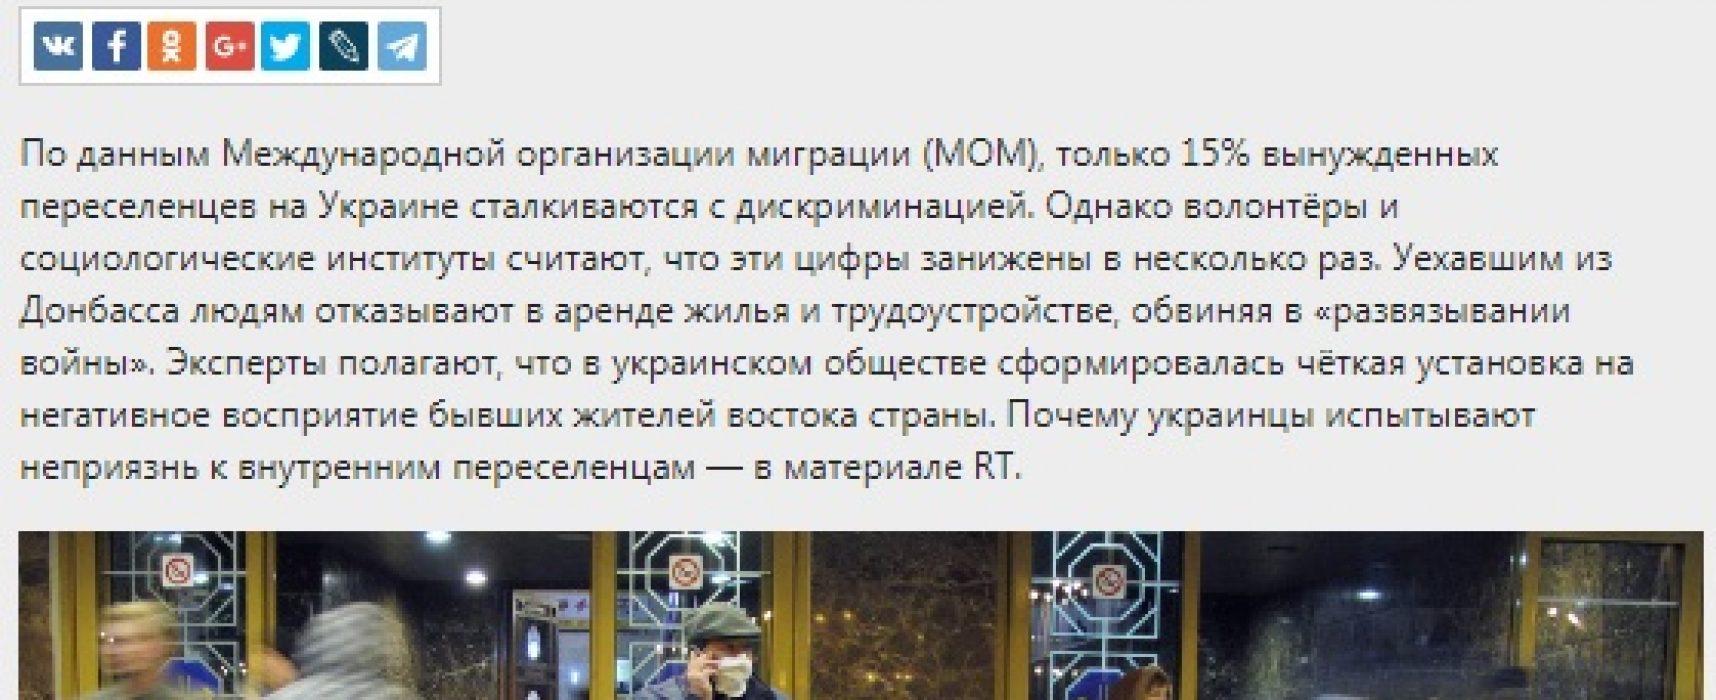 Ukrainer sind unzufrieden mit Binnenflüchtlinge aus dem Donbas